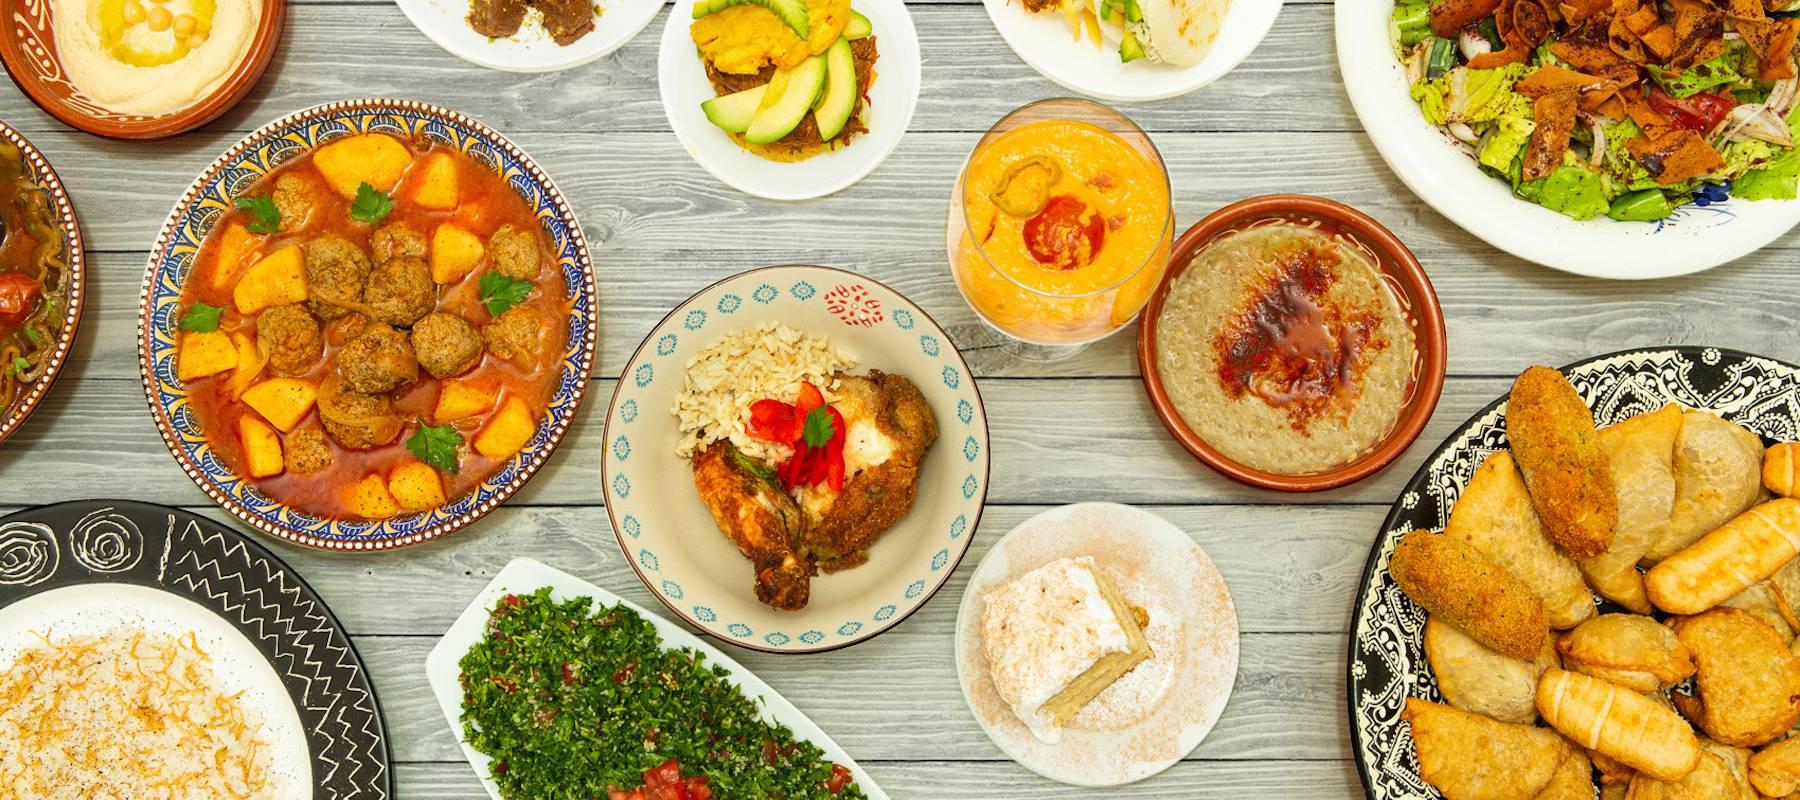 Comida casera hecha por refugiados que puedes pedir a domicilio